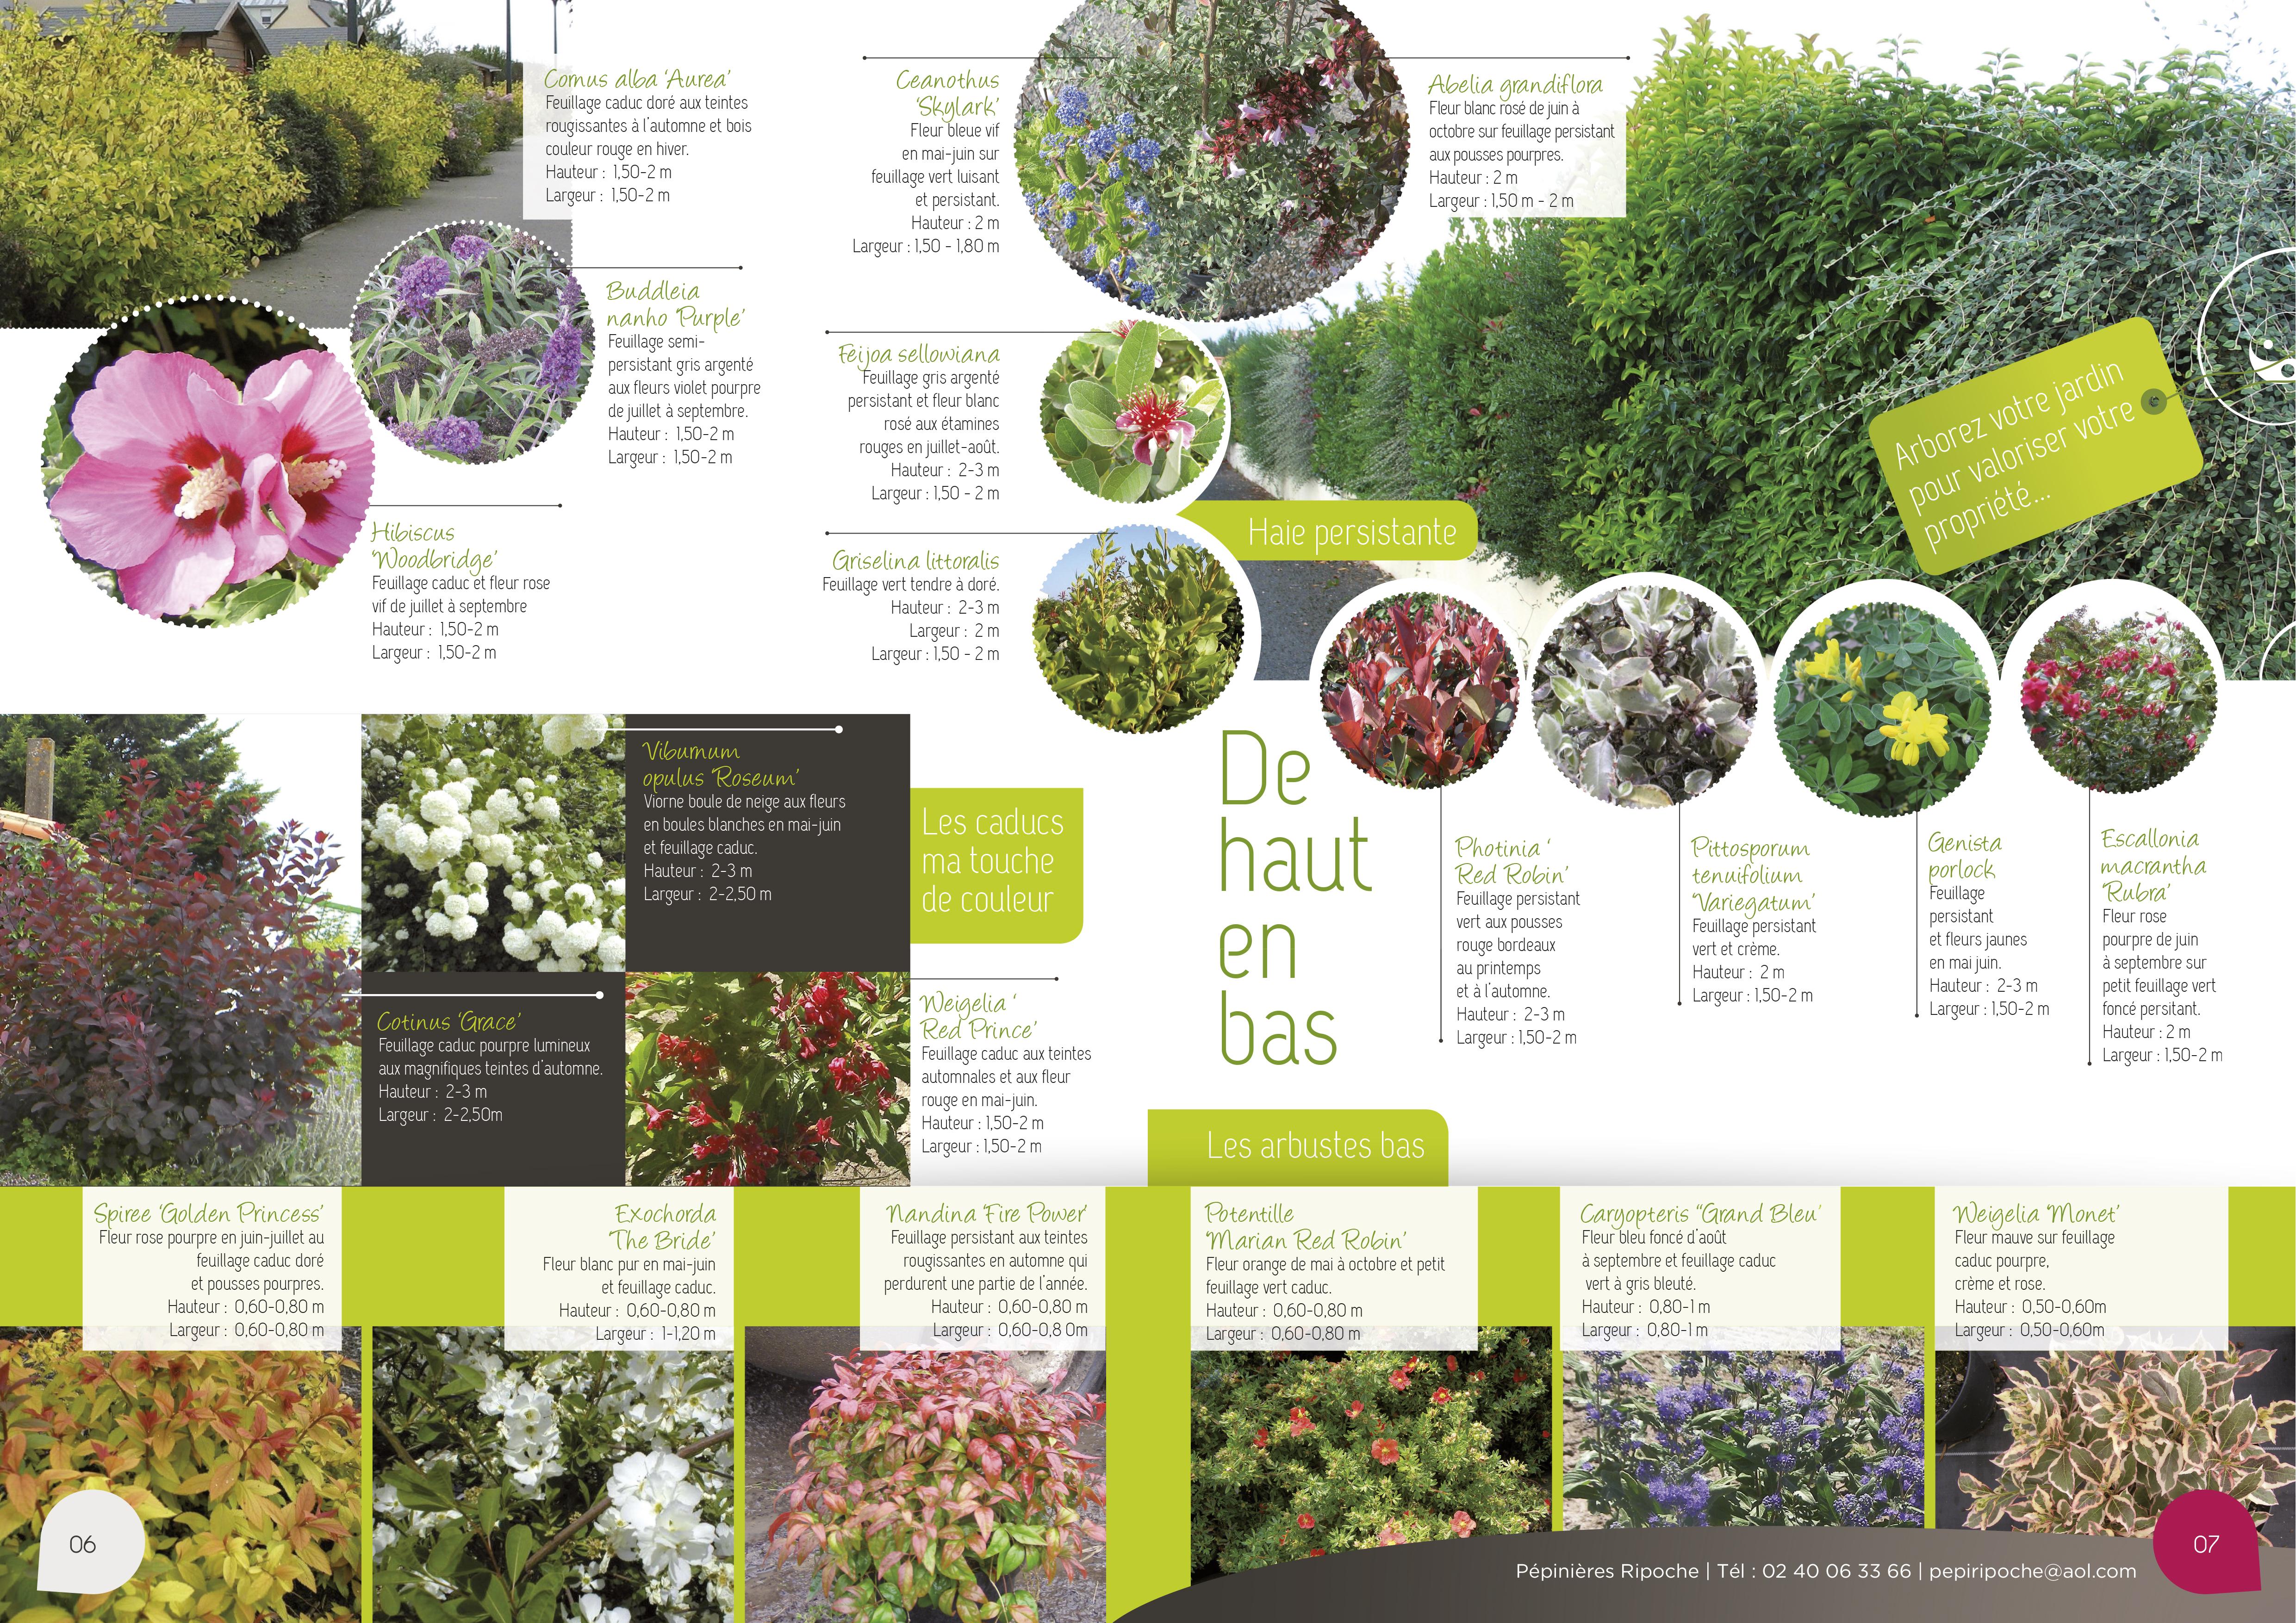 De haut en bas, Arbustes d'ornement persistants et caducs